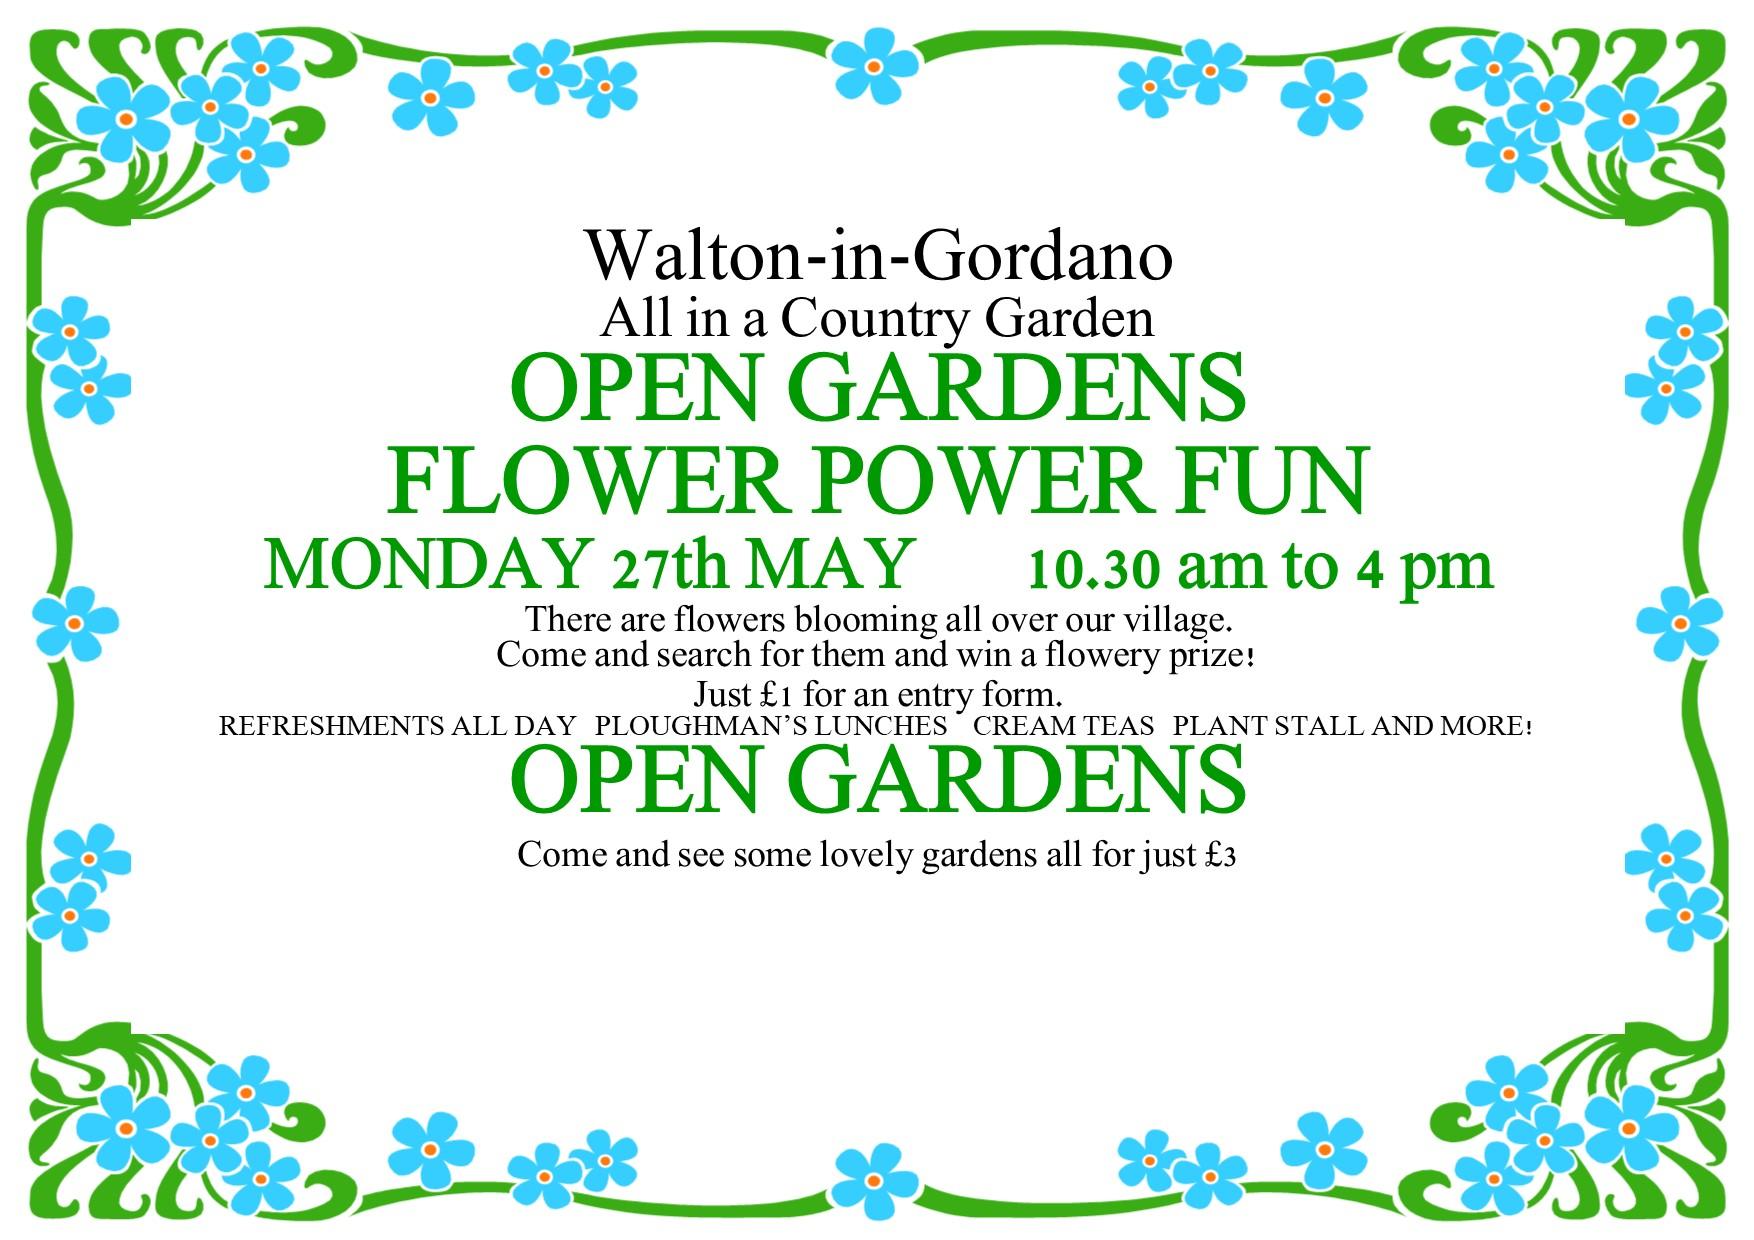 open gardens poster.jpg